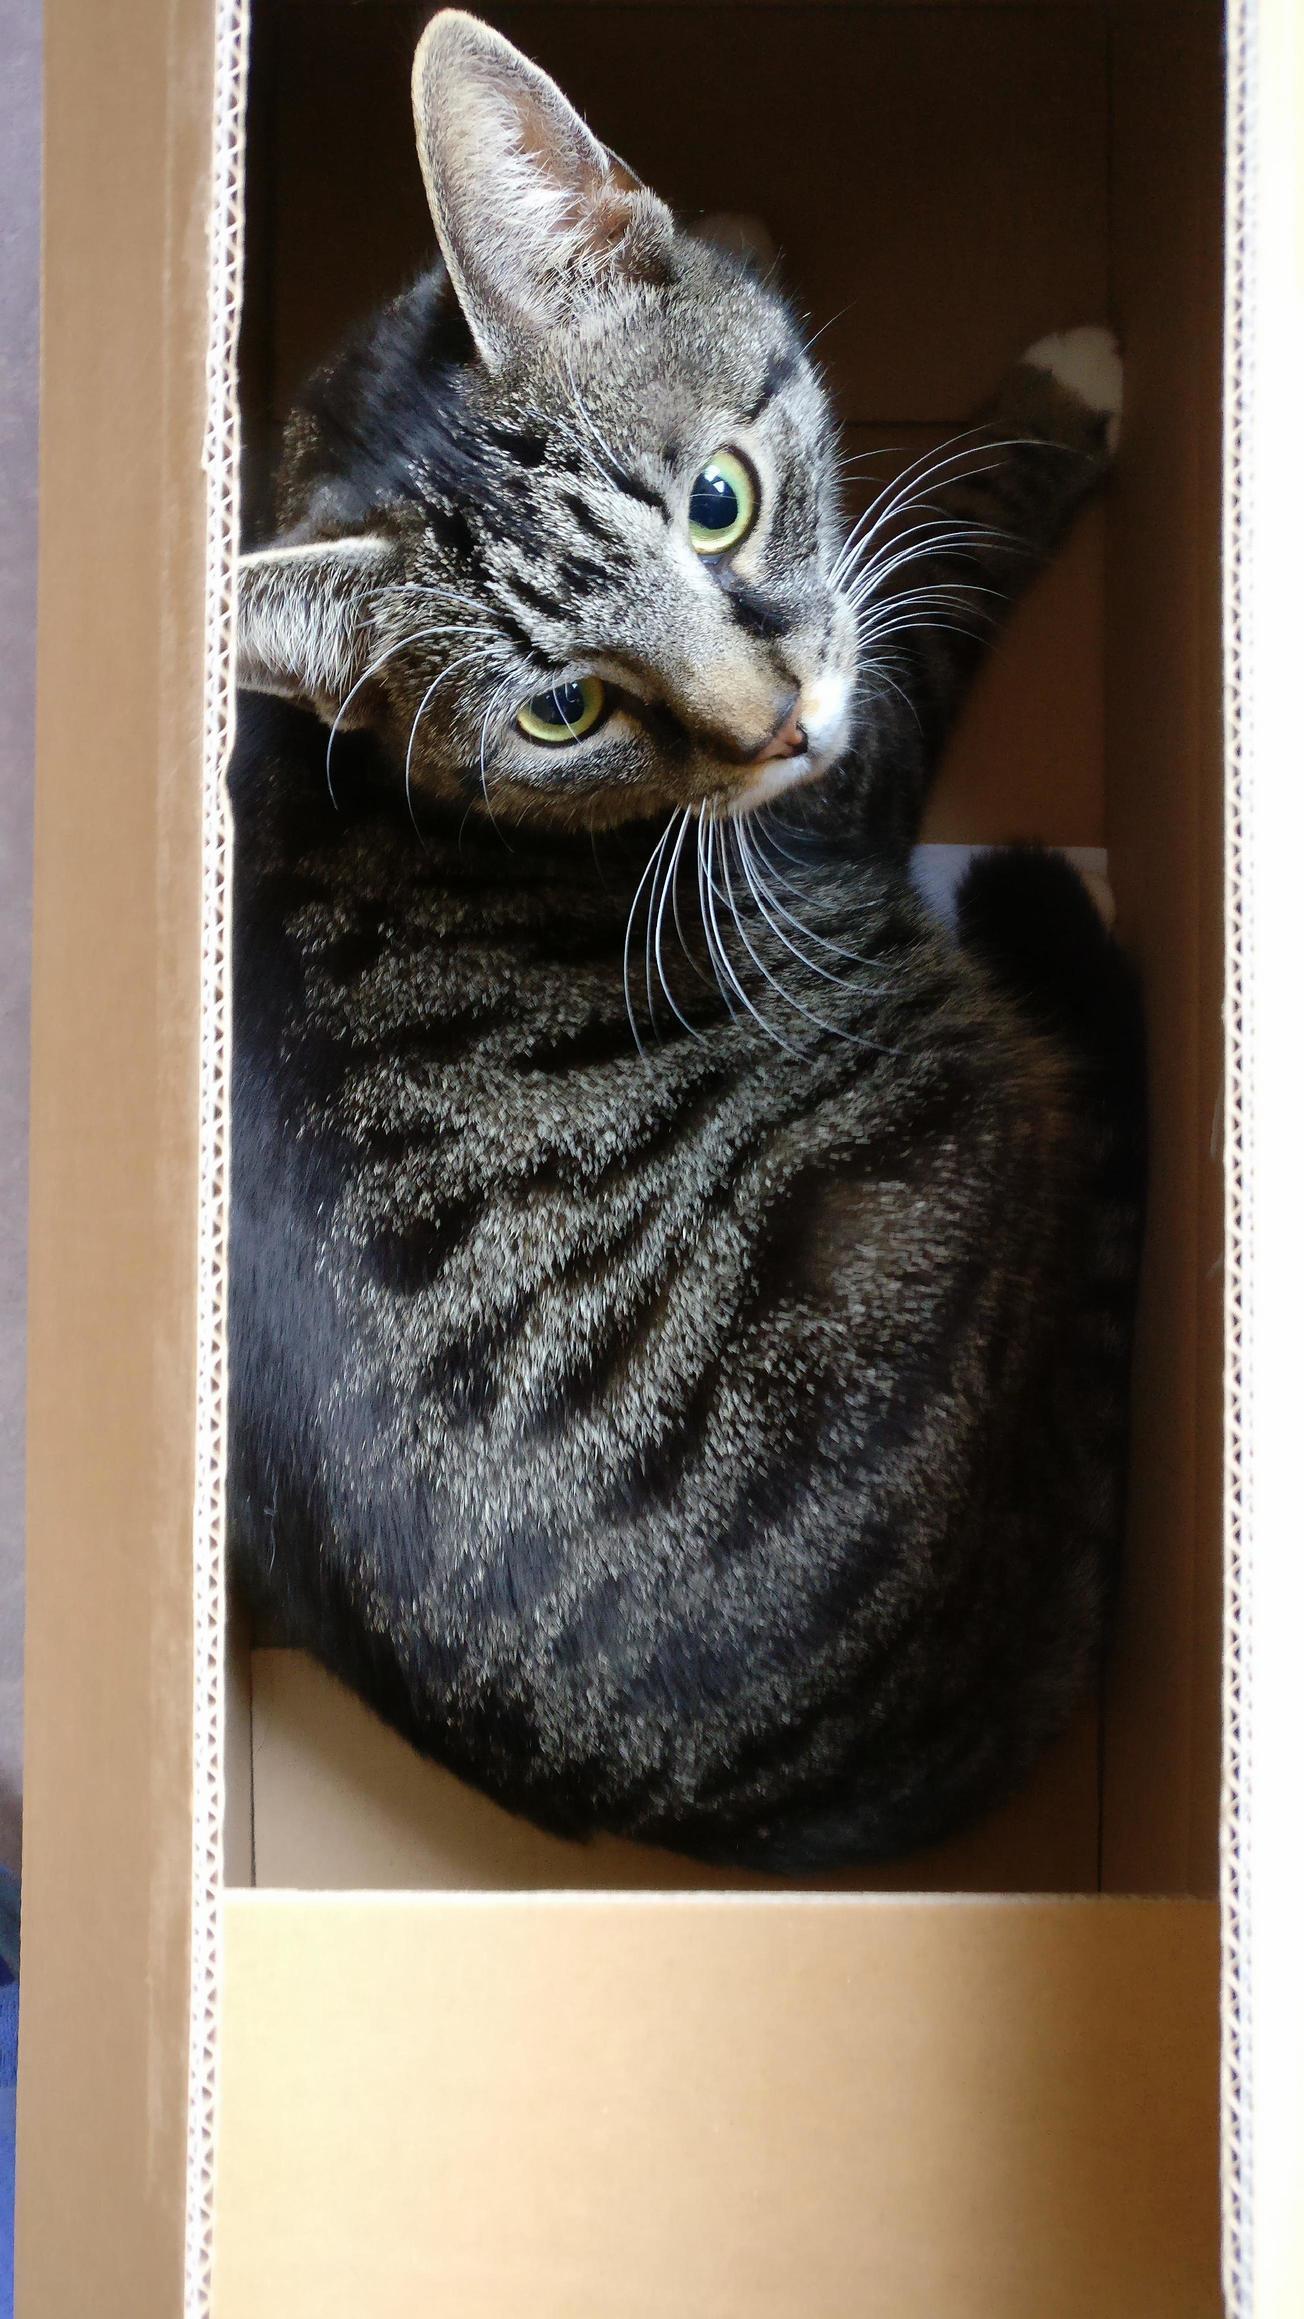 My cat in a box!